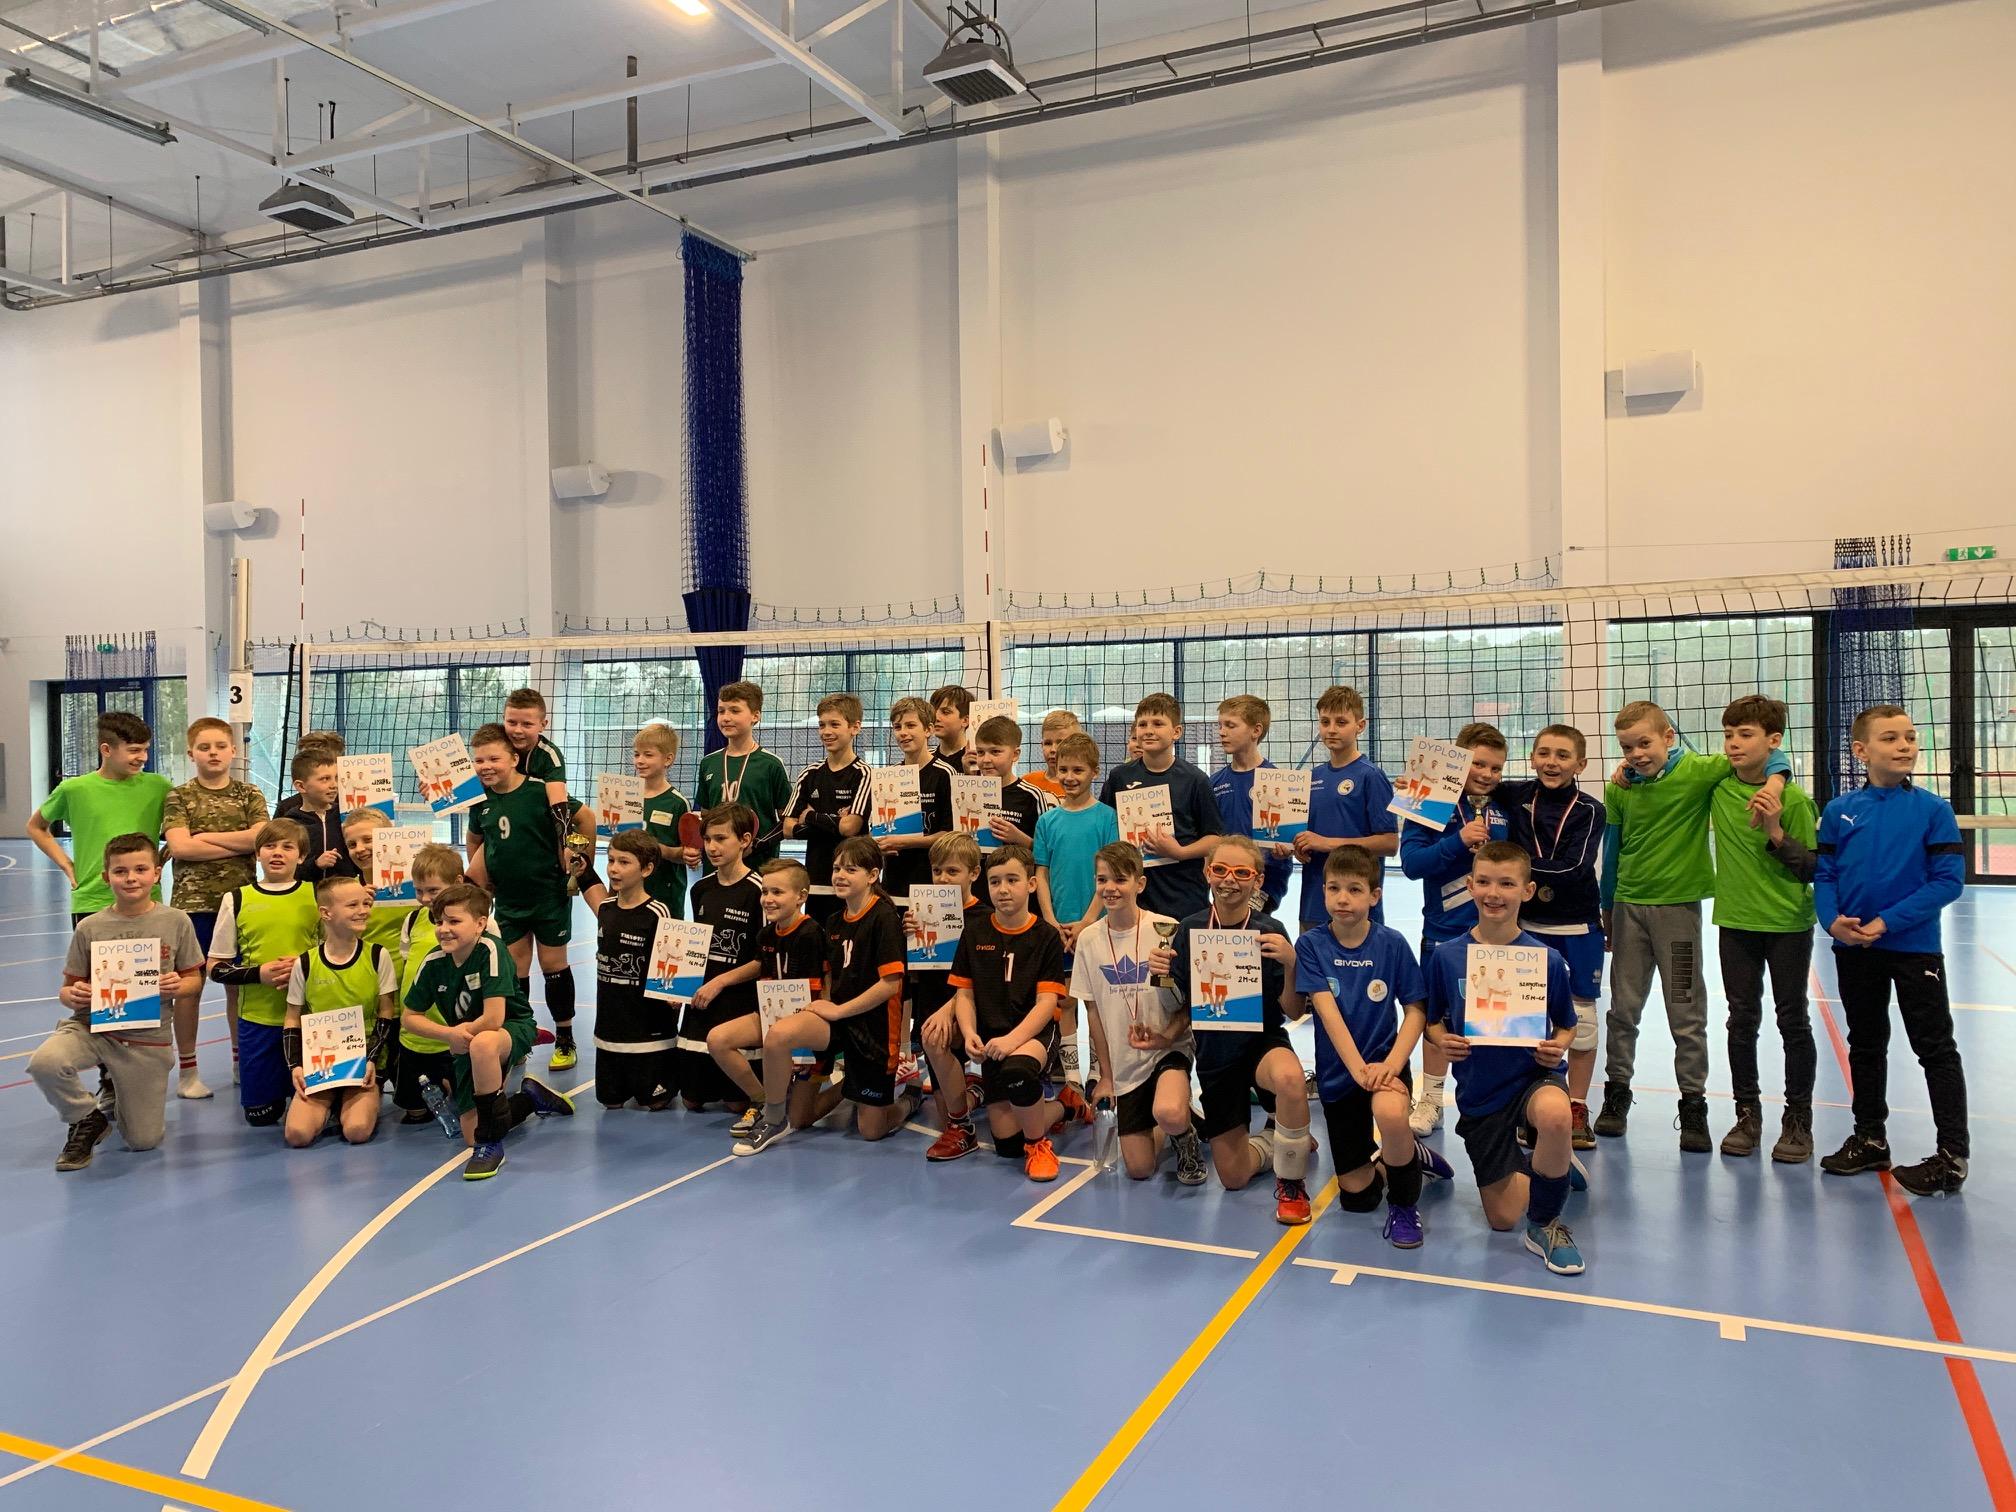 Na zdjęciu znajdują się uczestnicy turnieju Mini Lider Cup w hali Zeposłu Szkolno-Przedszkolnego w Napachaniu, chłopcy prezentujący puchary i dyplomy.